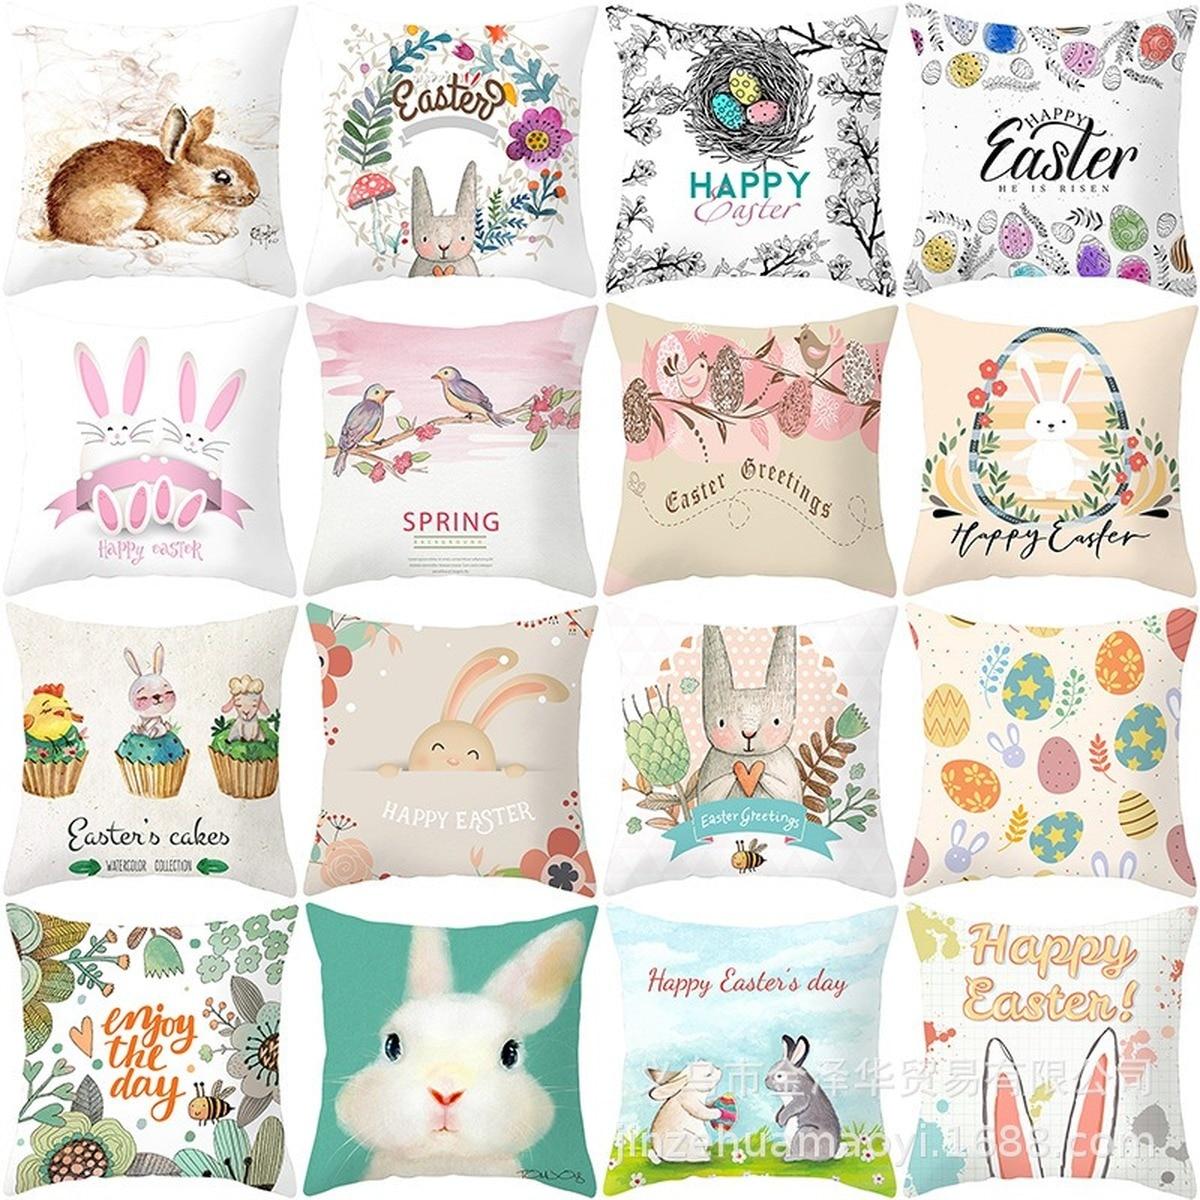 45*45Cm decoraciones felices de Pascua para el hogar conejito huevos de Pascua funda de almohada de poliéster decoraciones de fiesta decoración de conejo de Pascua Conjuntos de vestido de Pascua para niñas, vestido de conejo a rayas, Cartera de conejito a juego, medias y accesorios